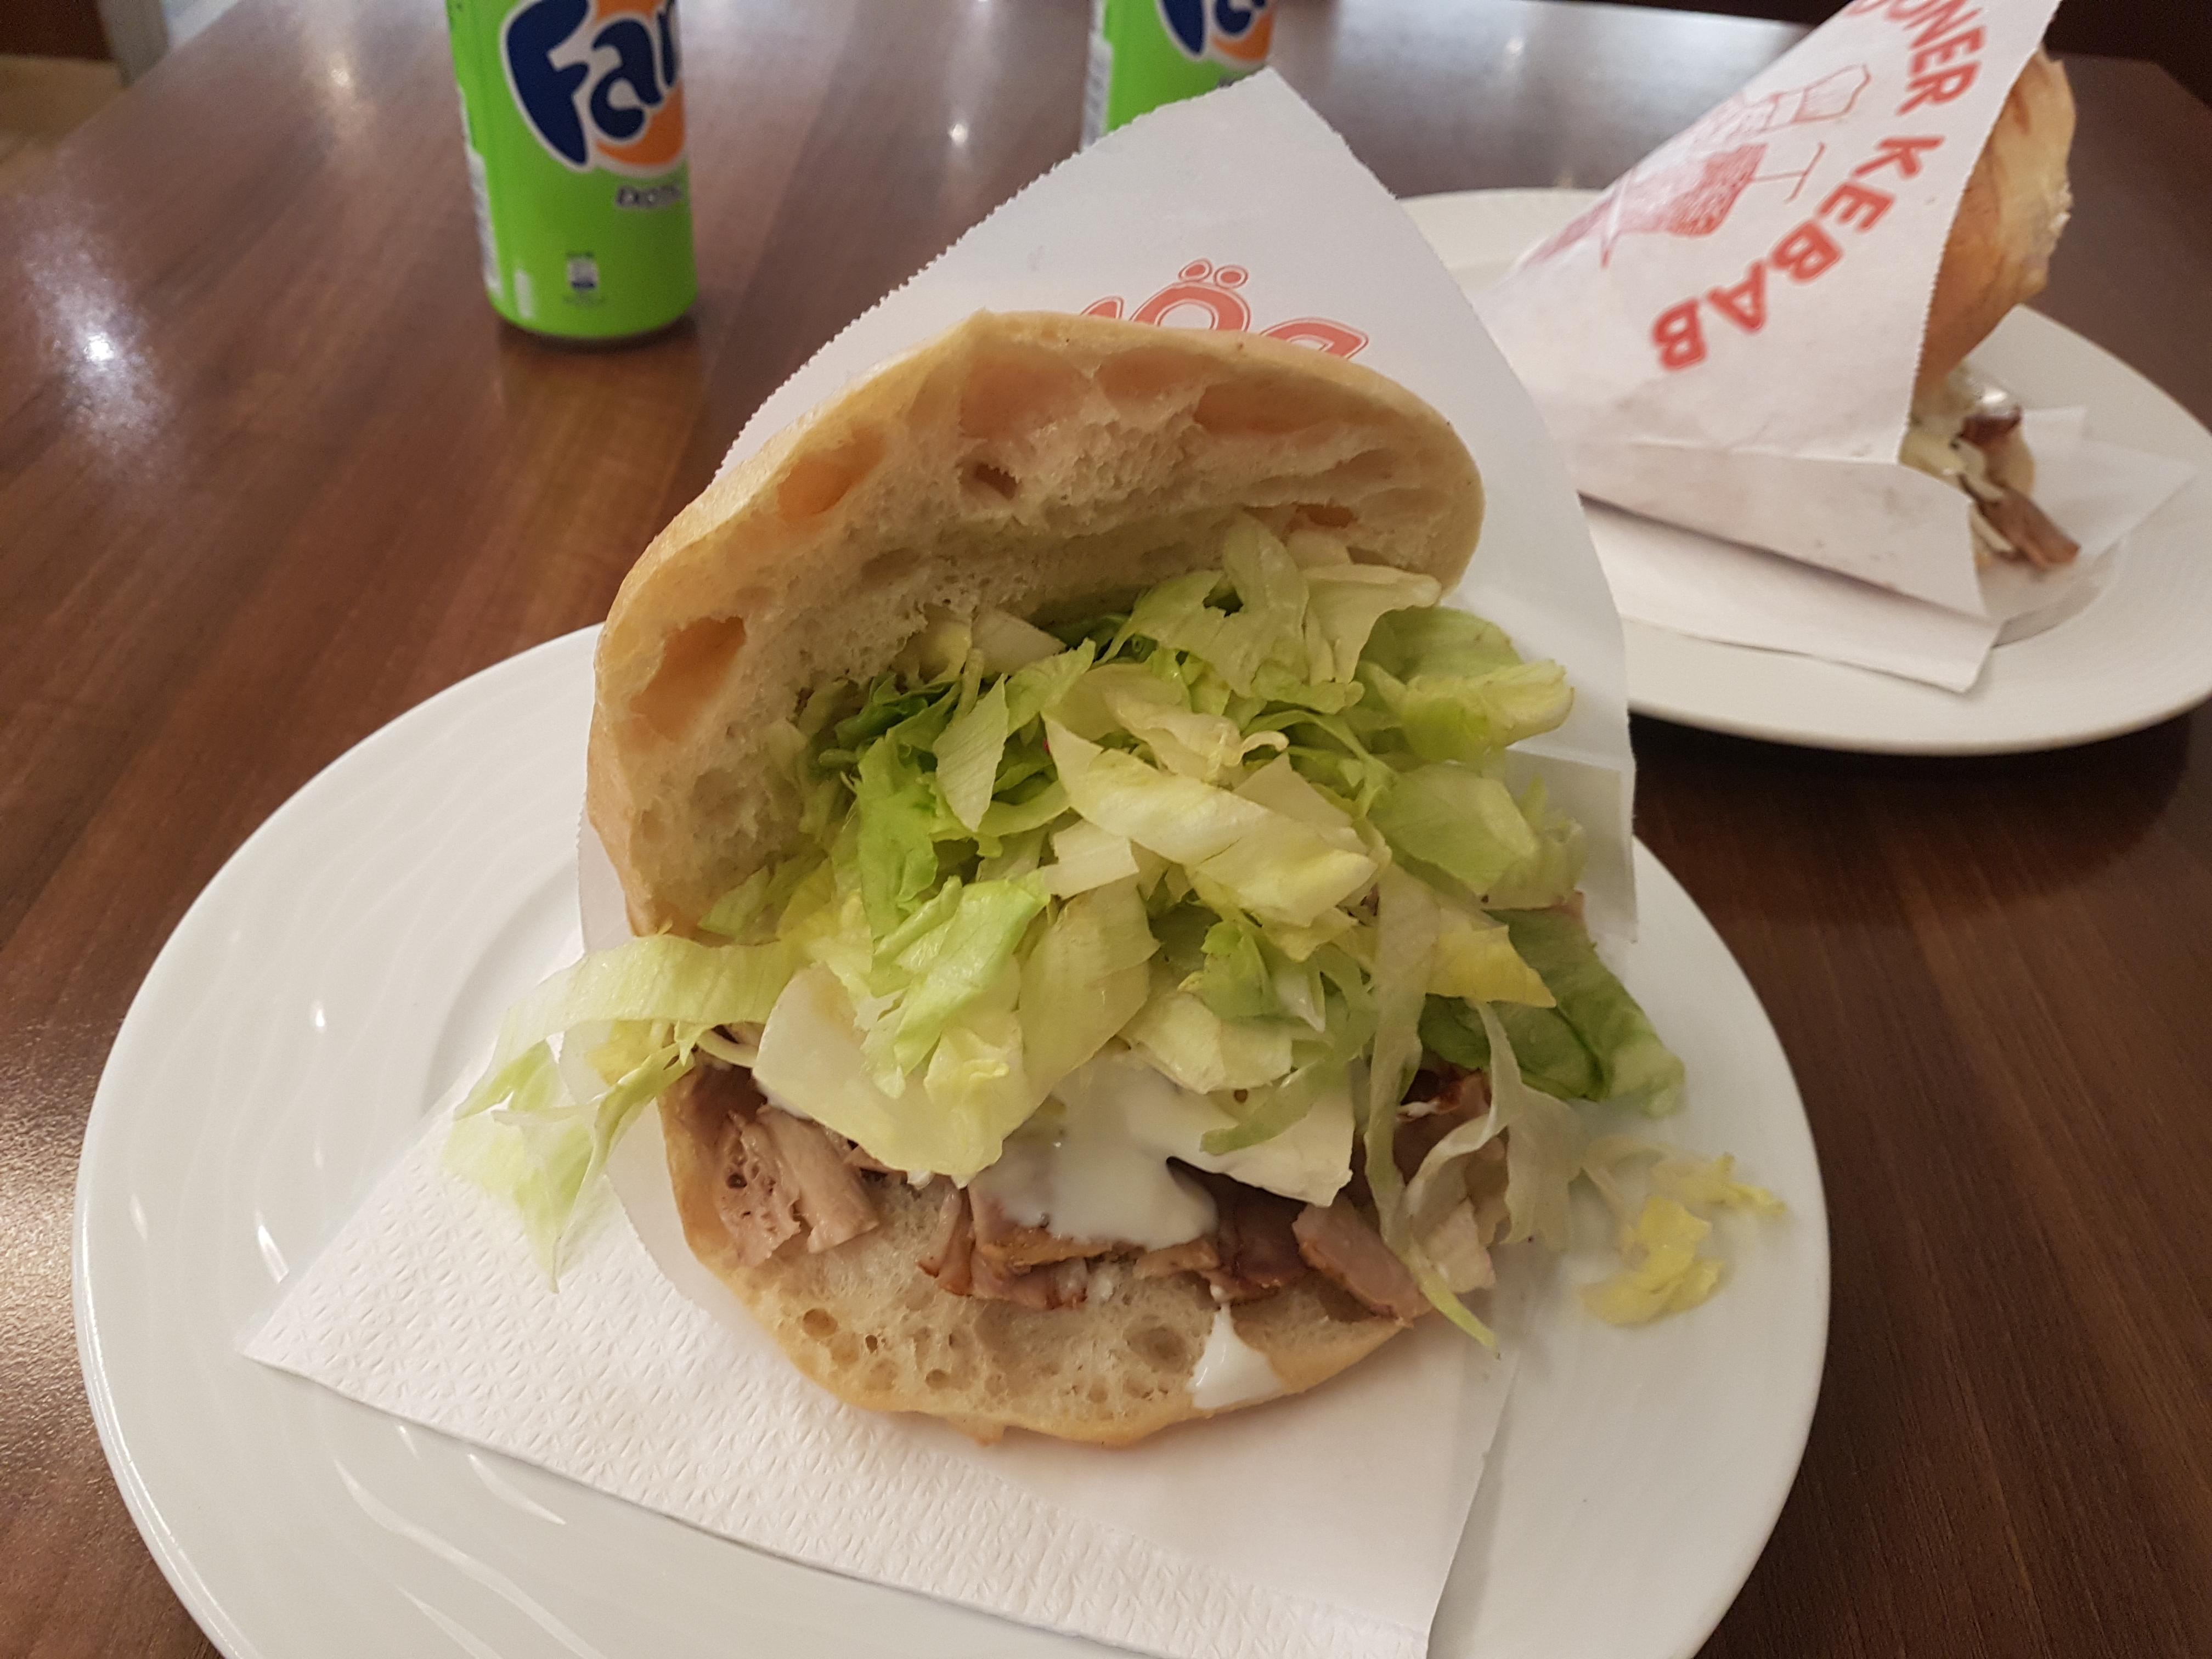 https://foodloader.net/Holz_2019-05-24_Doener.jpg